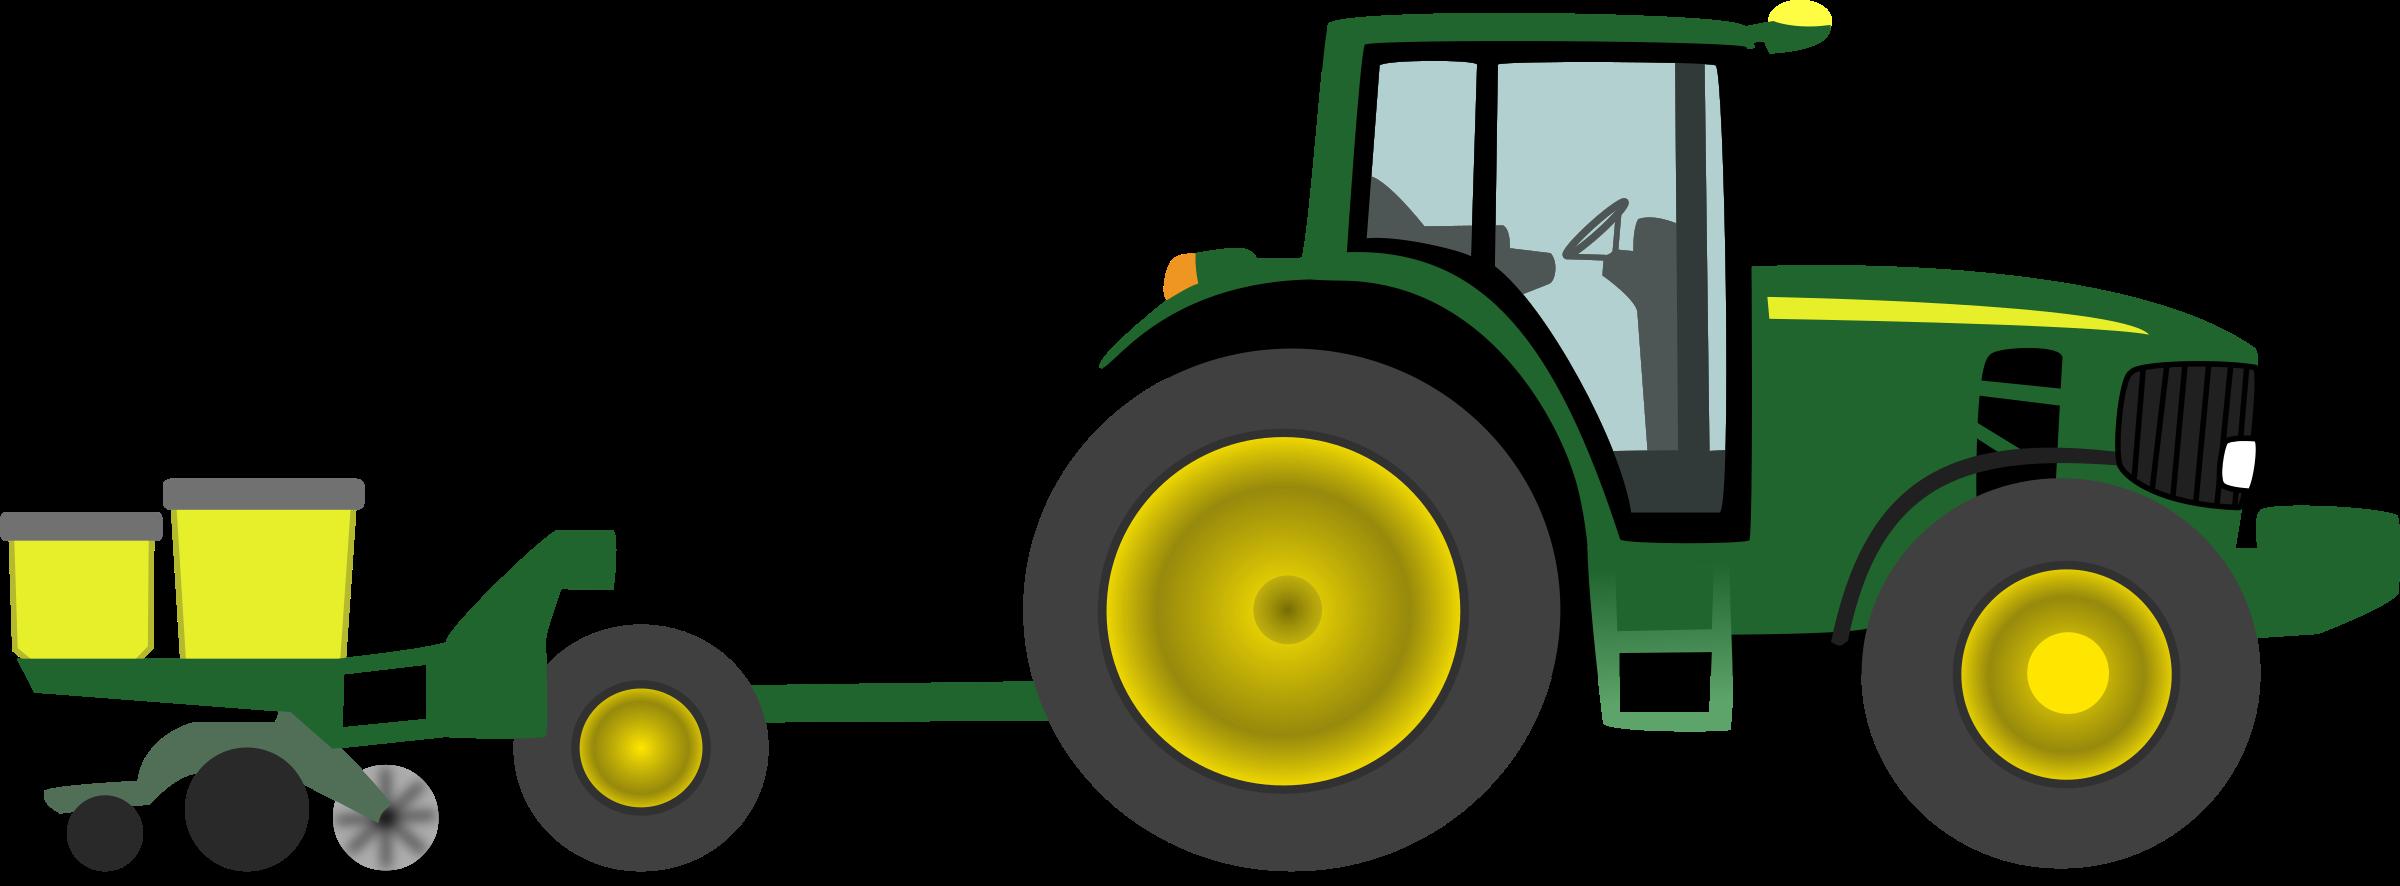 Green tractor clip art john deere free cliparts